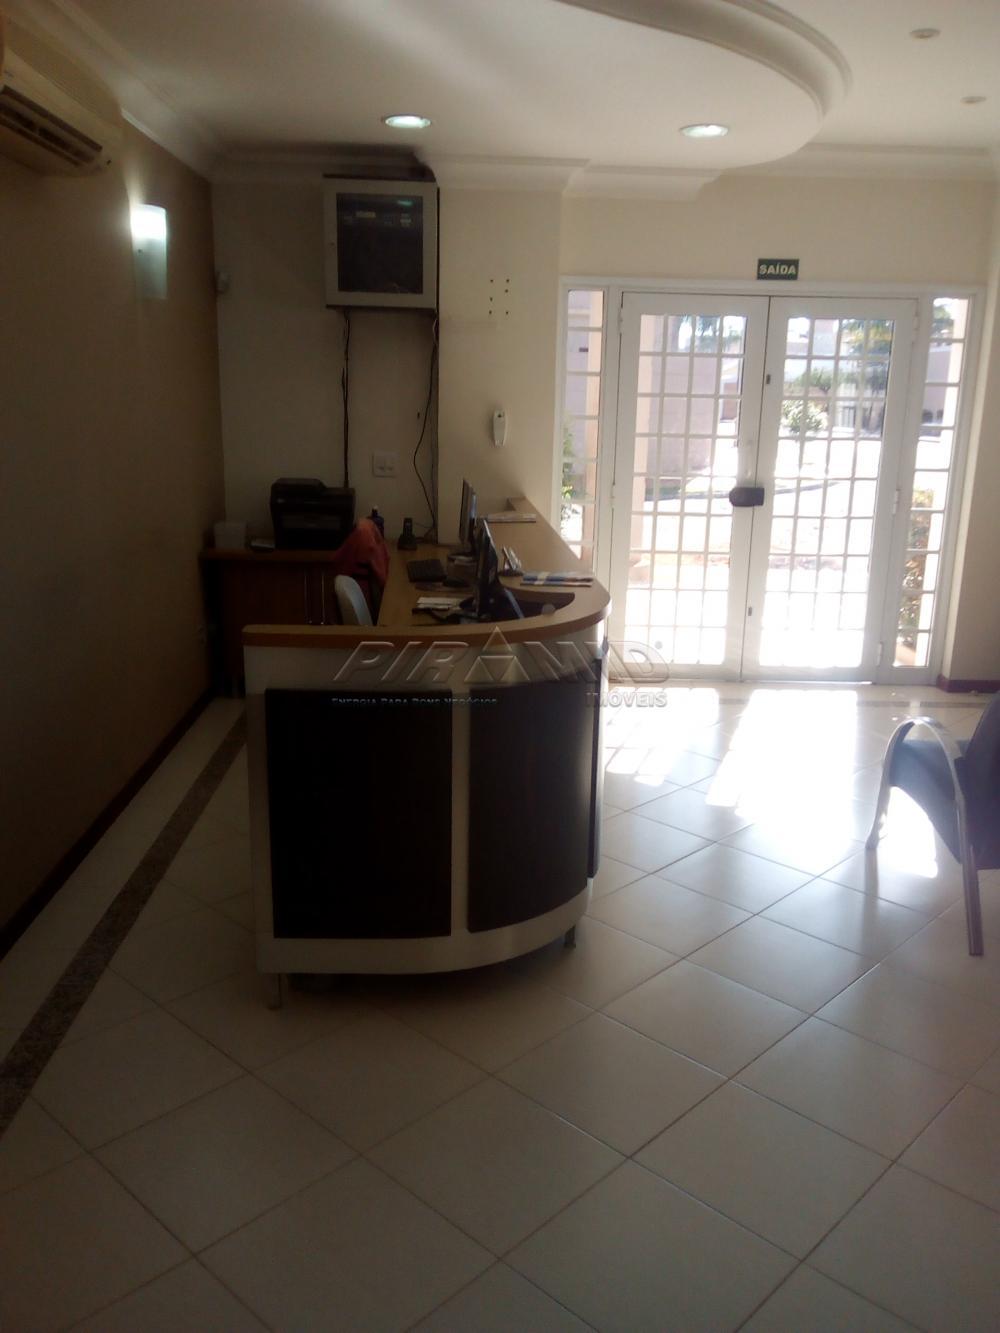 Alugar Comercial / Prédio em Ribeirão Preto apenas R$ 6.300,00 - Foto 3